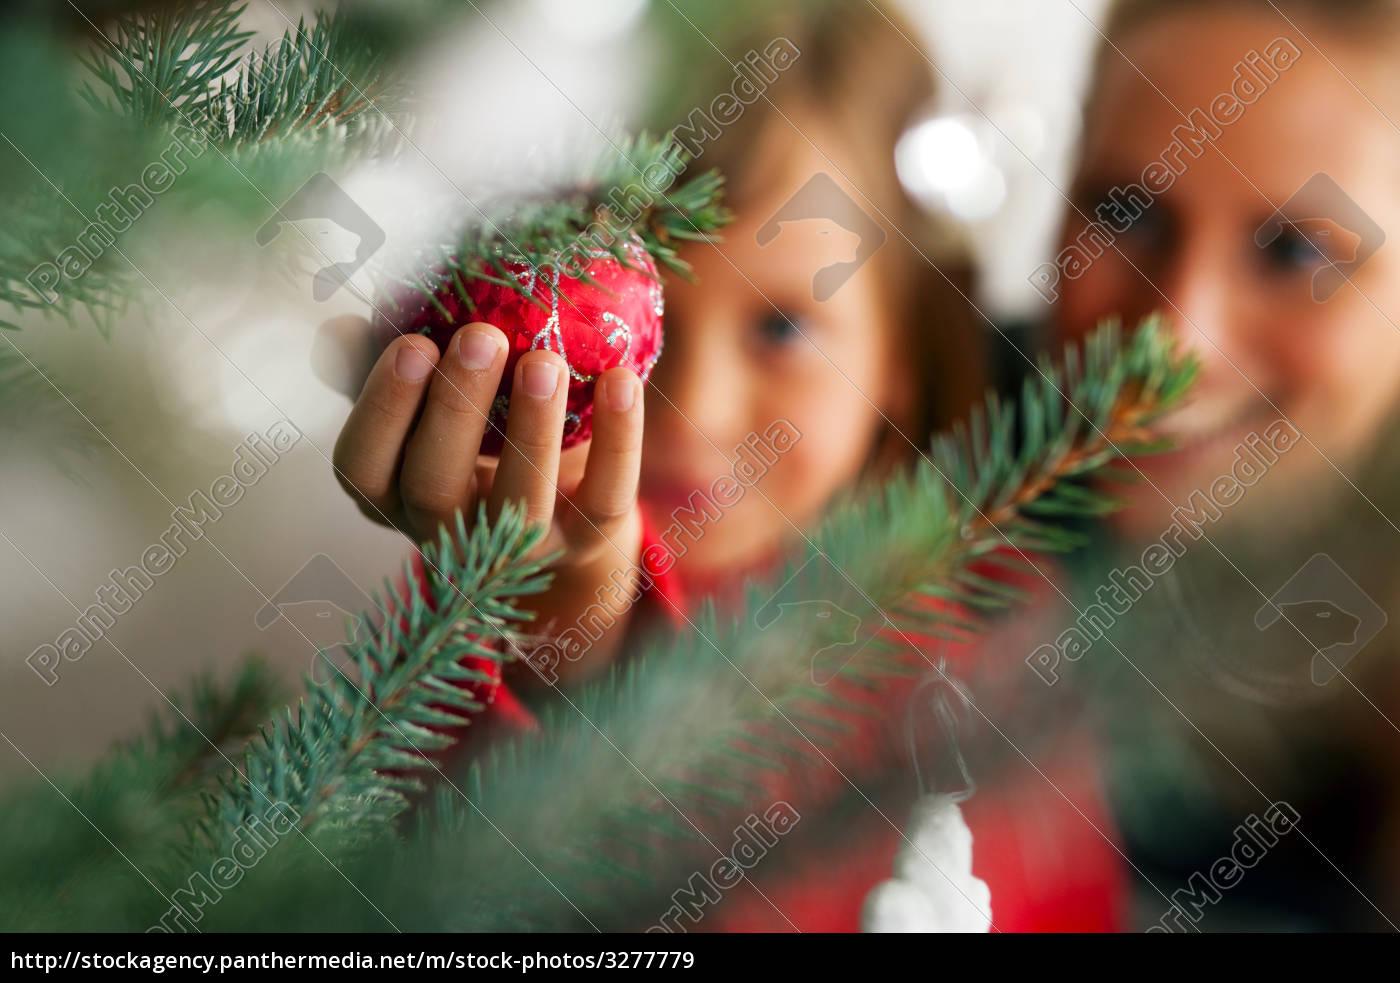 Wer Schmückt Den Weihnachtsbaum.Stockfoto 3277779 Familie Schmückt Weihnachtsbaum